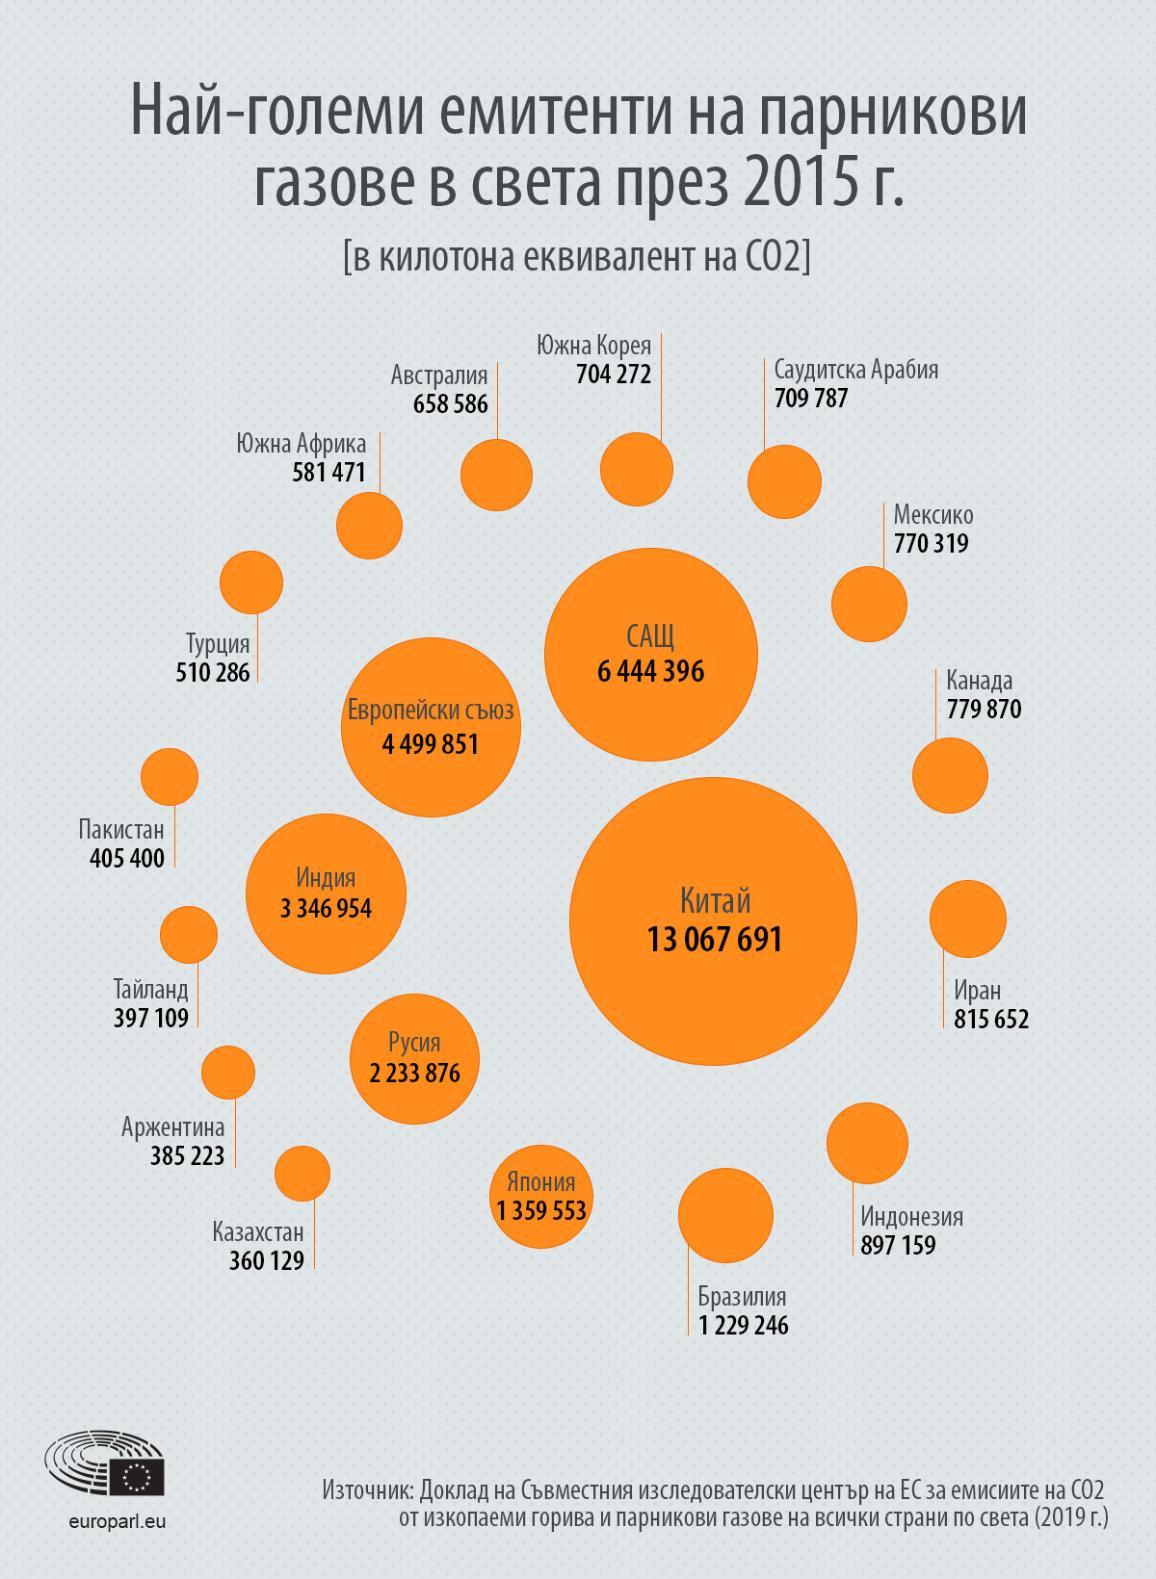 Инфографика: Най-големите емитенти на парникови газове по света политика за климата